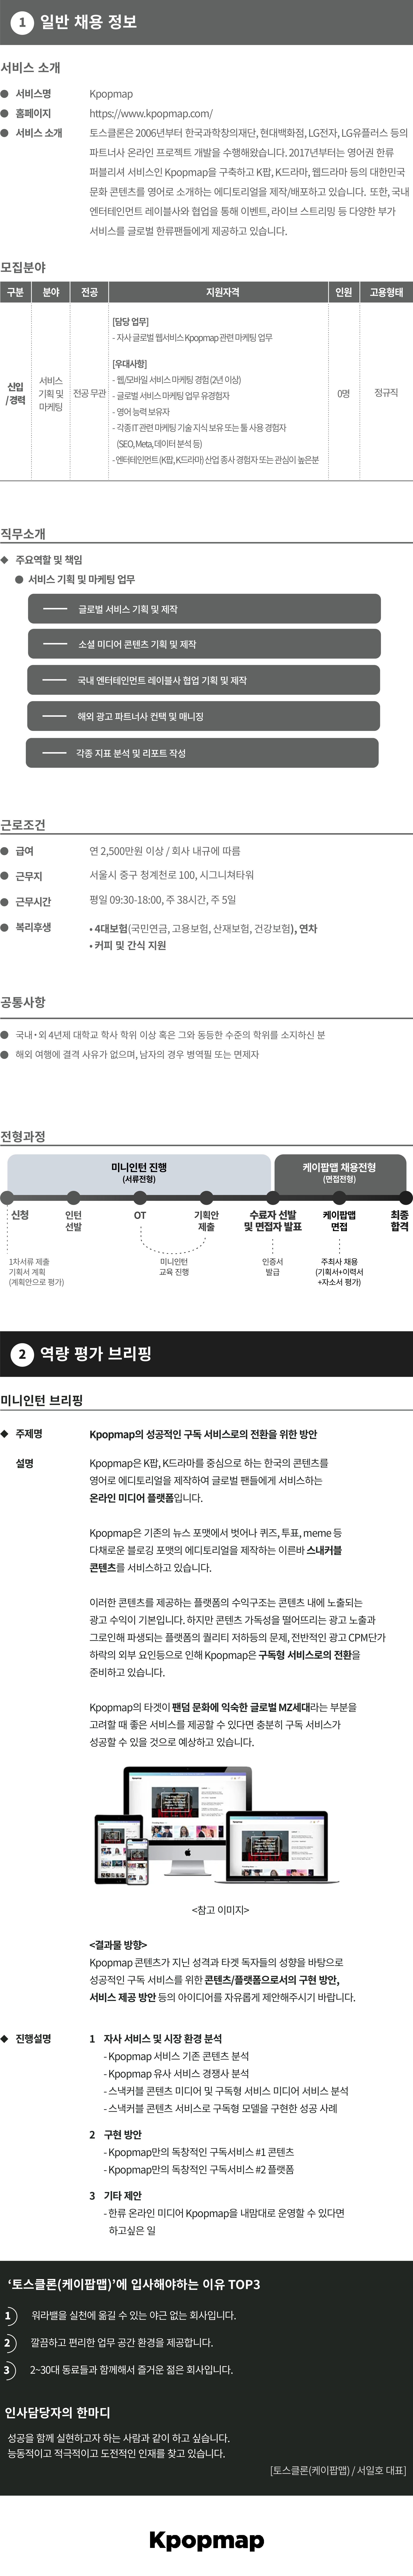 케이팝맵 미니인턴 신청페이지_FIN_대지 1 사본 2.png